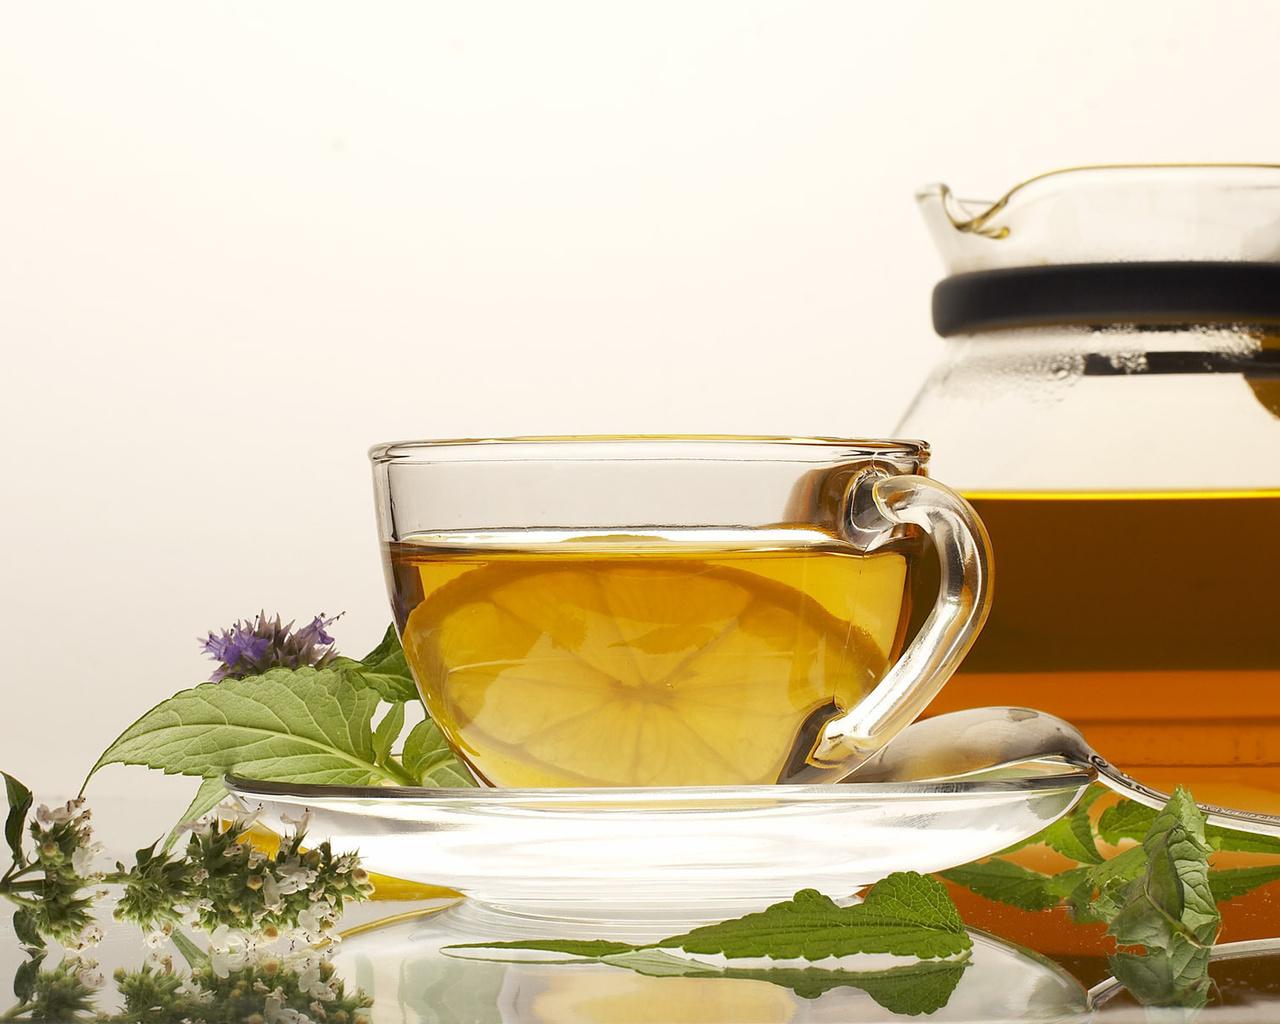 чашка, блюдце, ложка, мята, чай, лимон